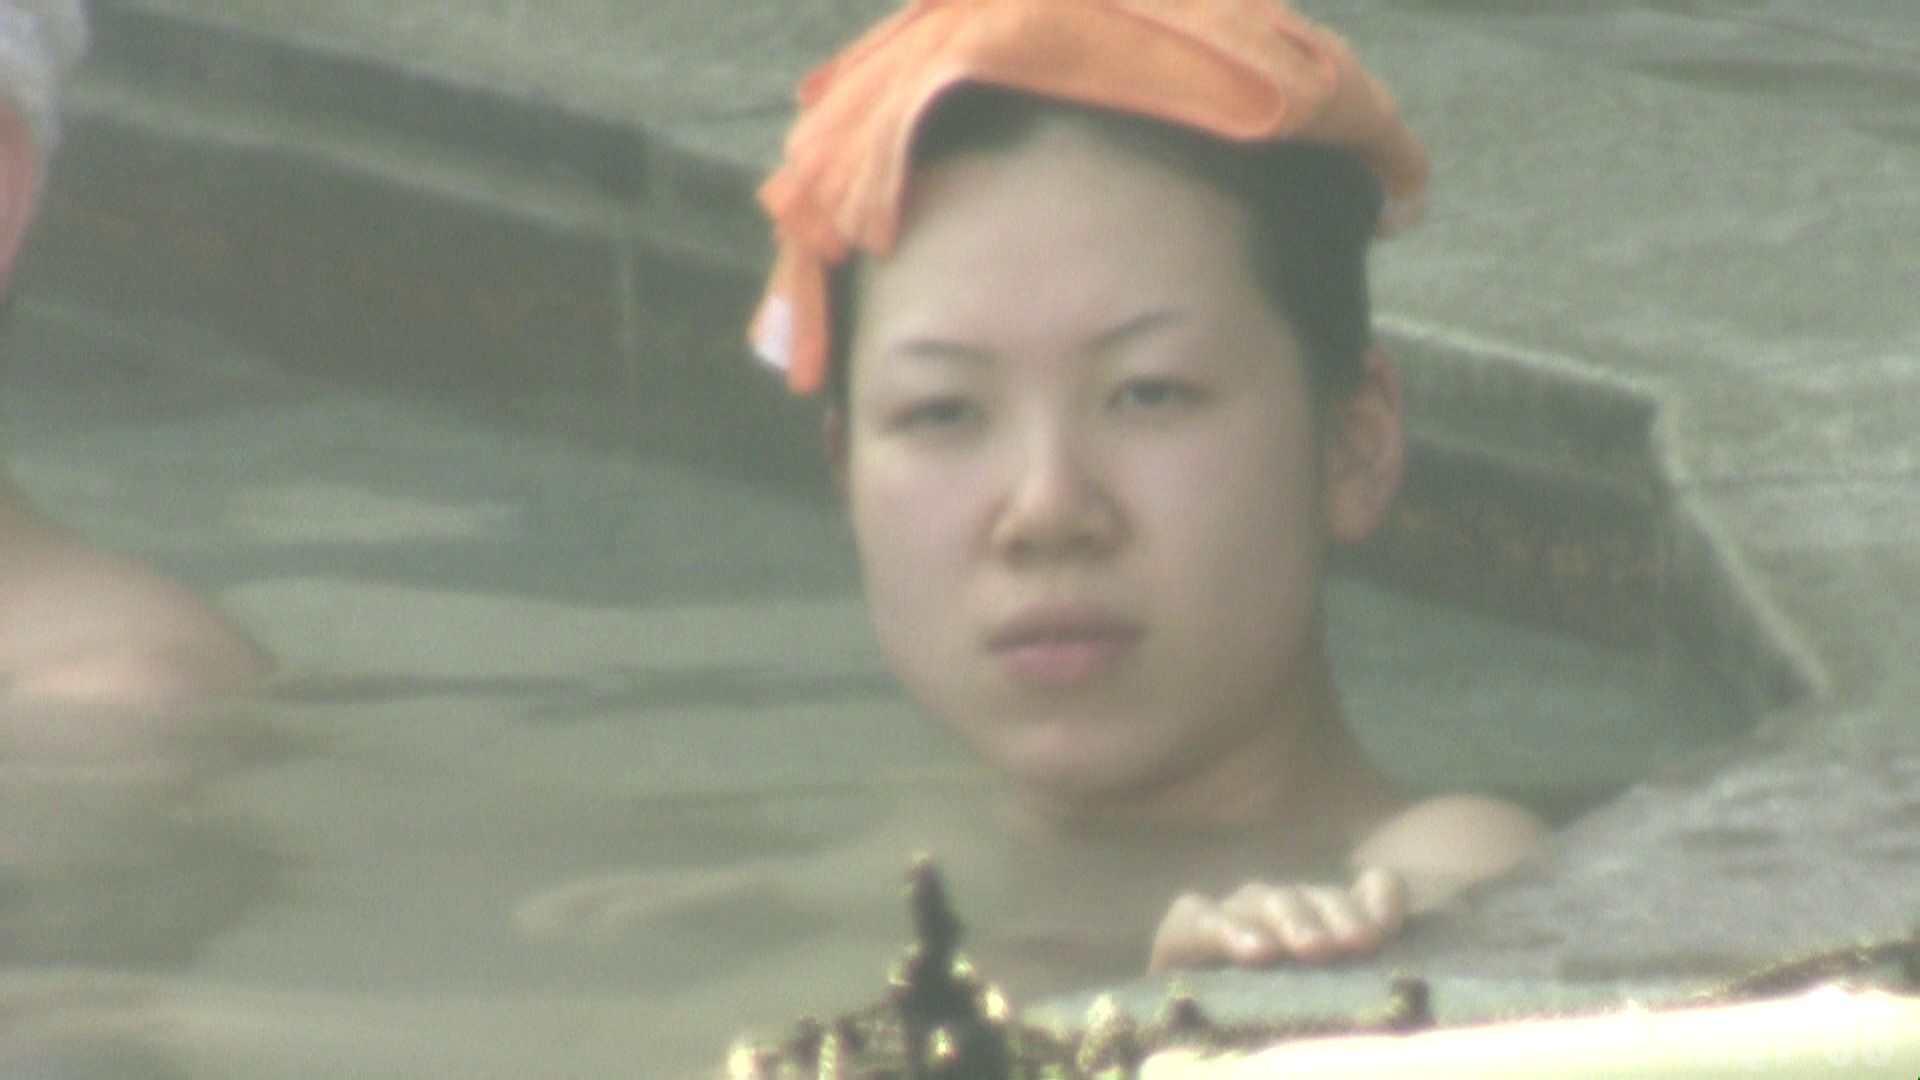 Aquaな露天風呂Vol.778 女体盗撮 のぞき濡れ場動画紹介 101連発 32